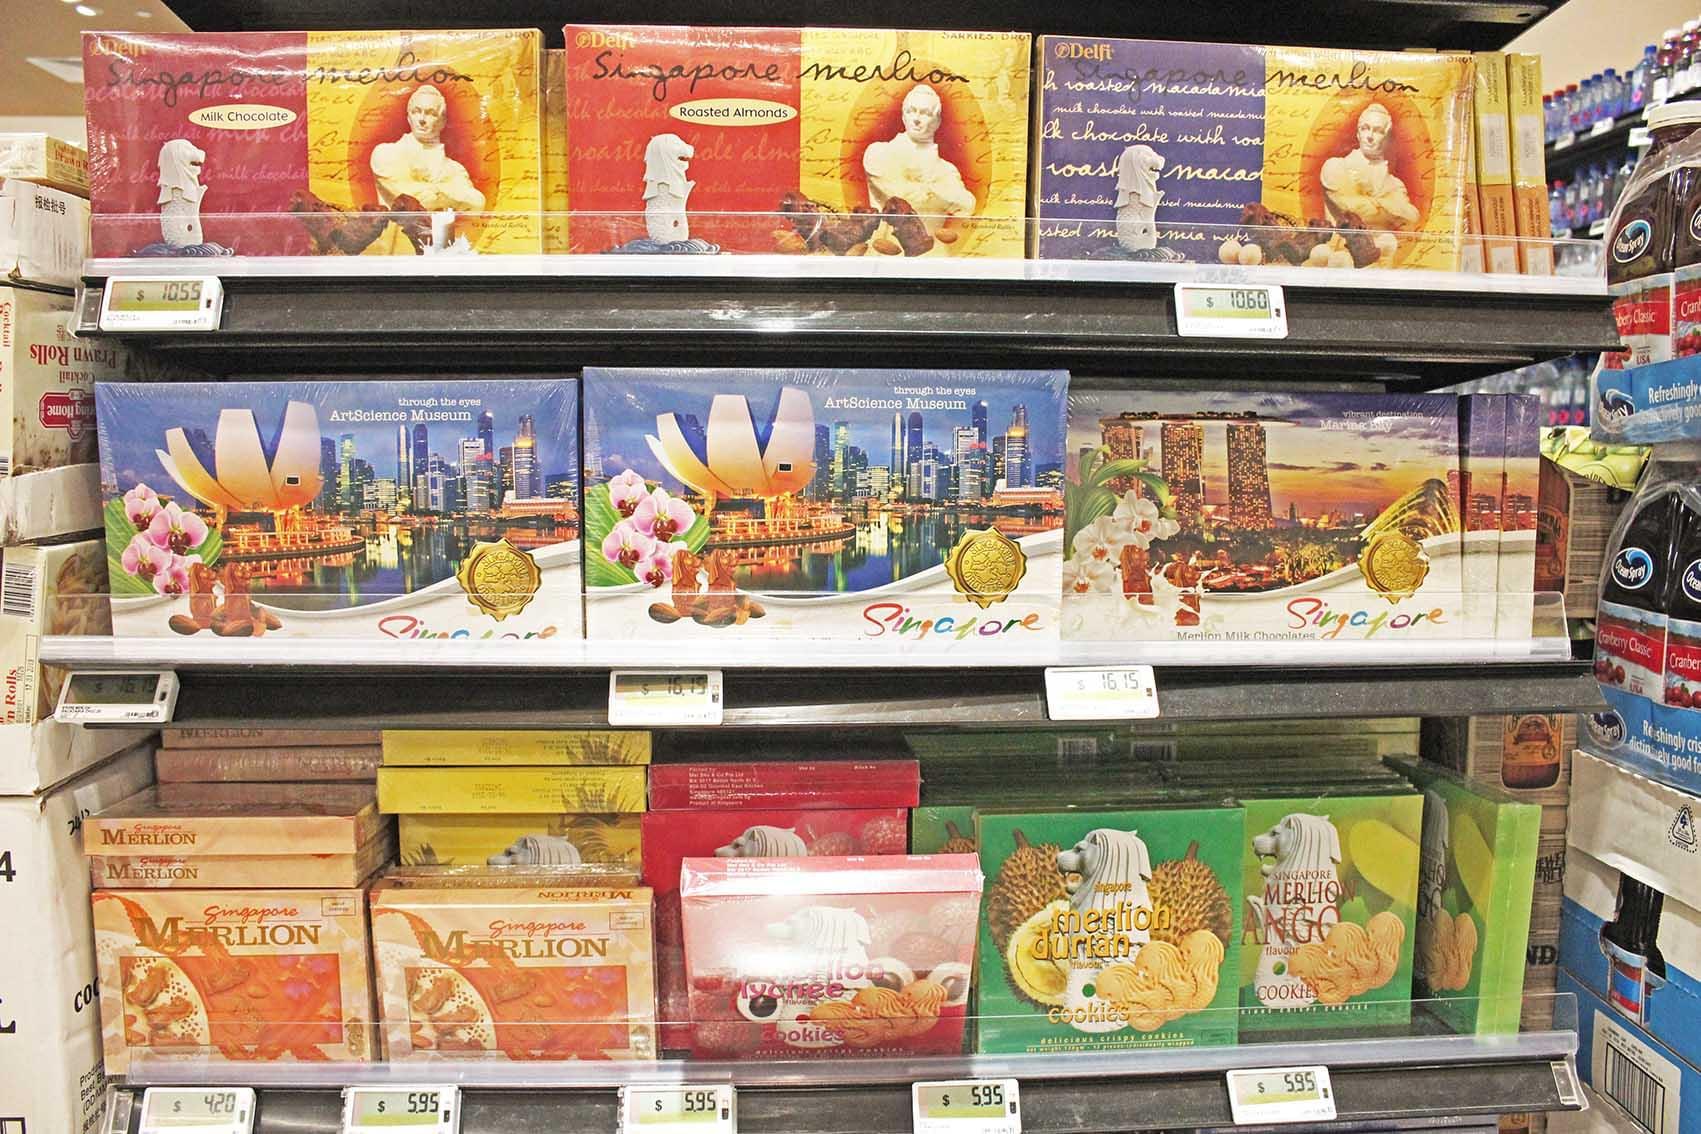 シンガポールで買うべきお土産ガイド!便利なバラマキ土産系はスーパーにあり!